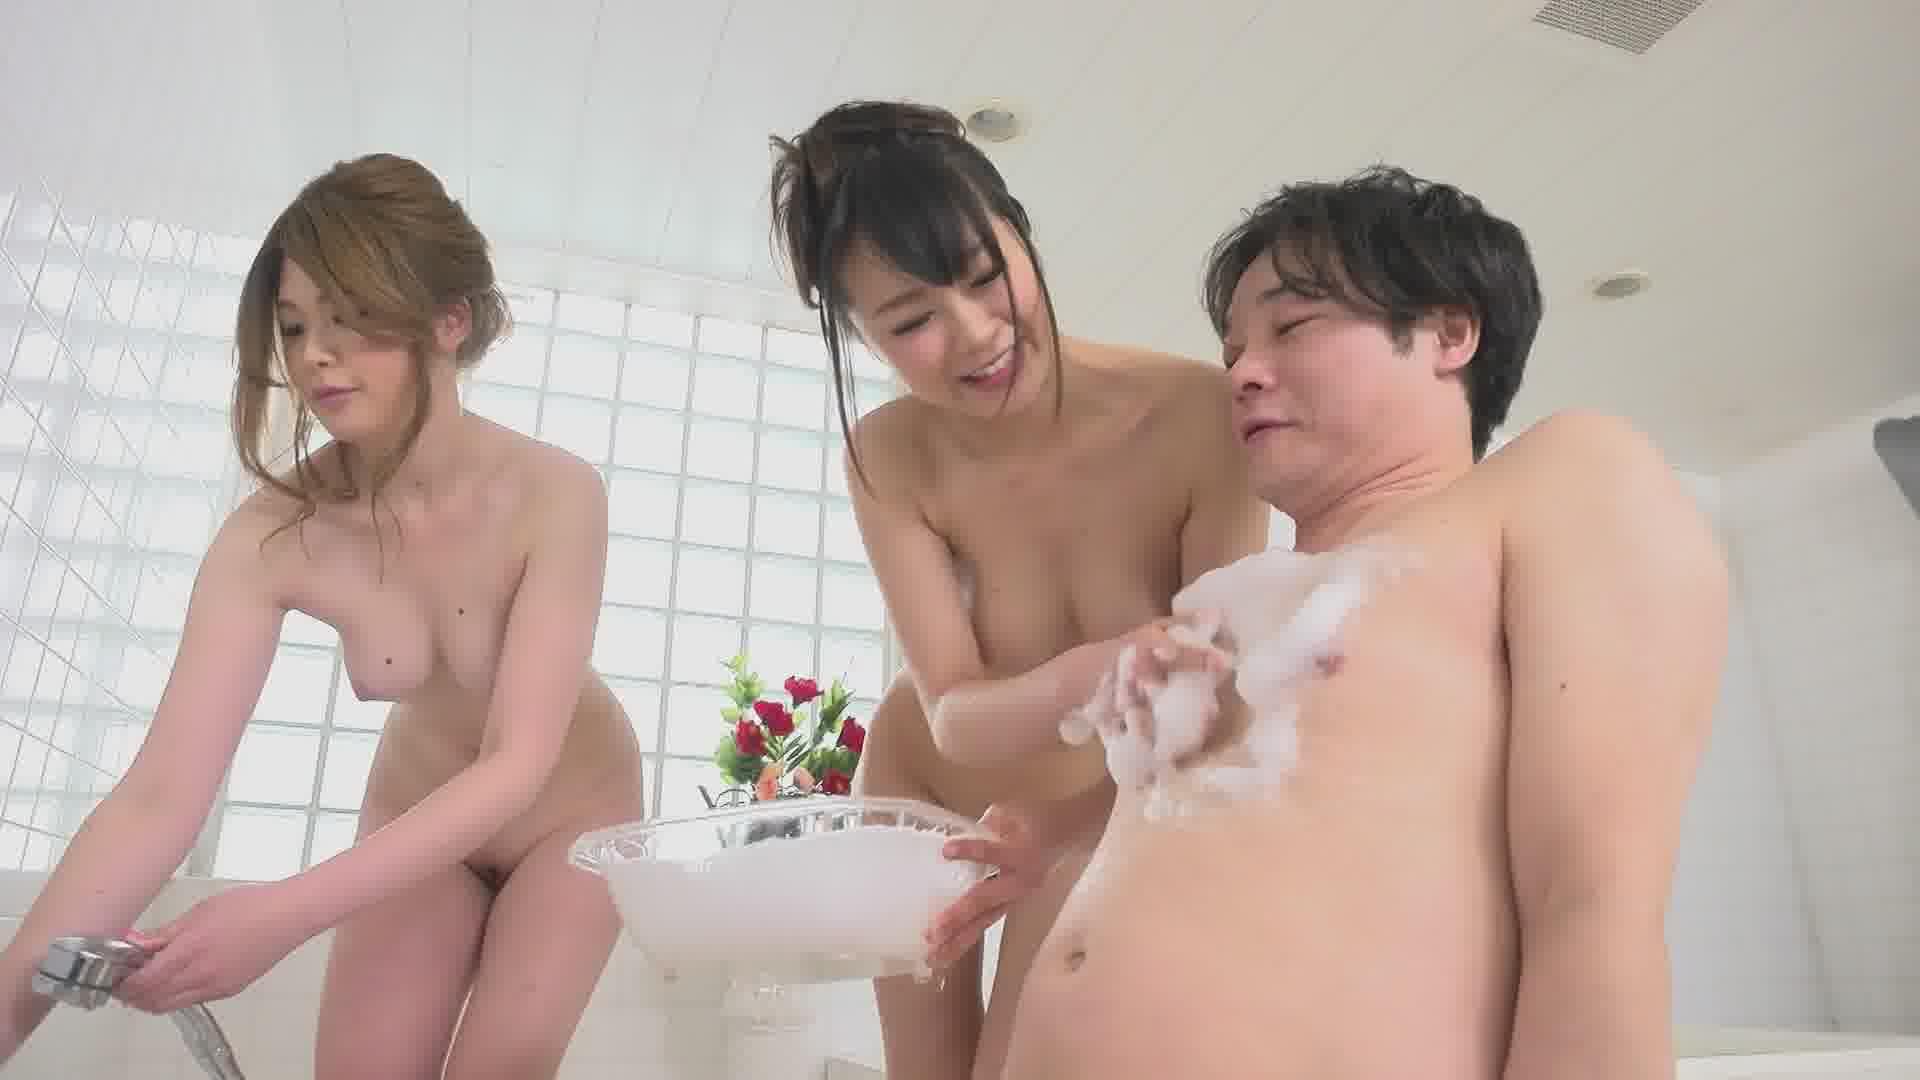 蝶が如く ~ピンク通りの二輪車ソープランド7~ - 渋谷まなか【巨乳・乱交・3P】